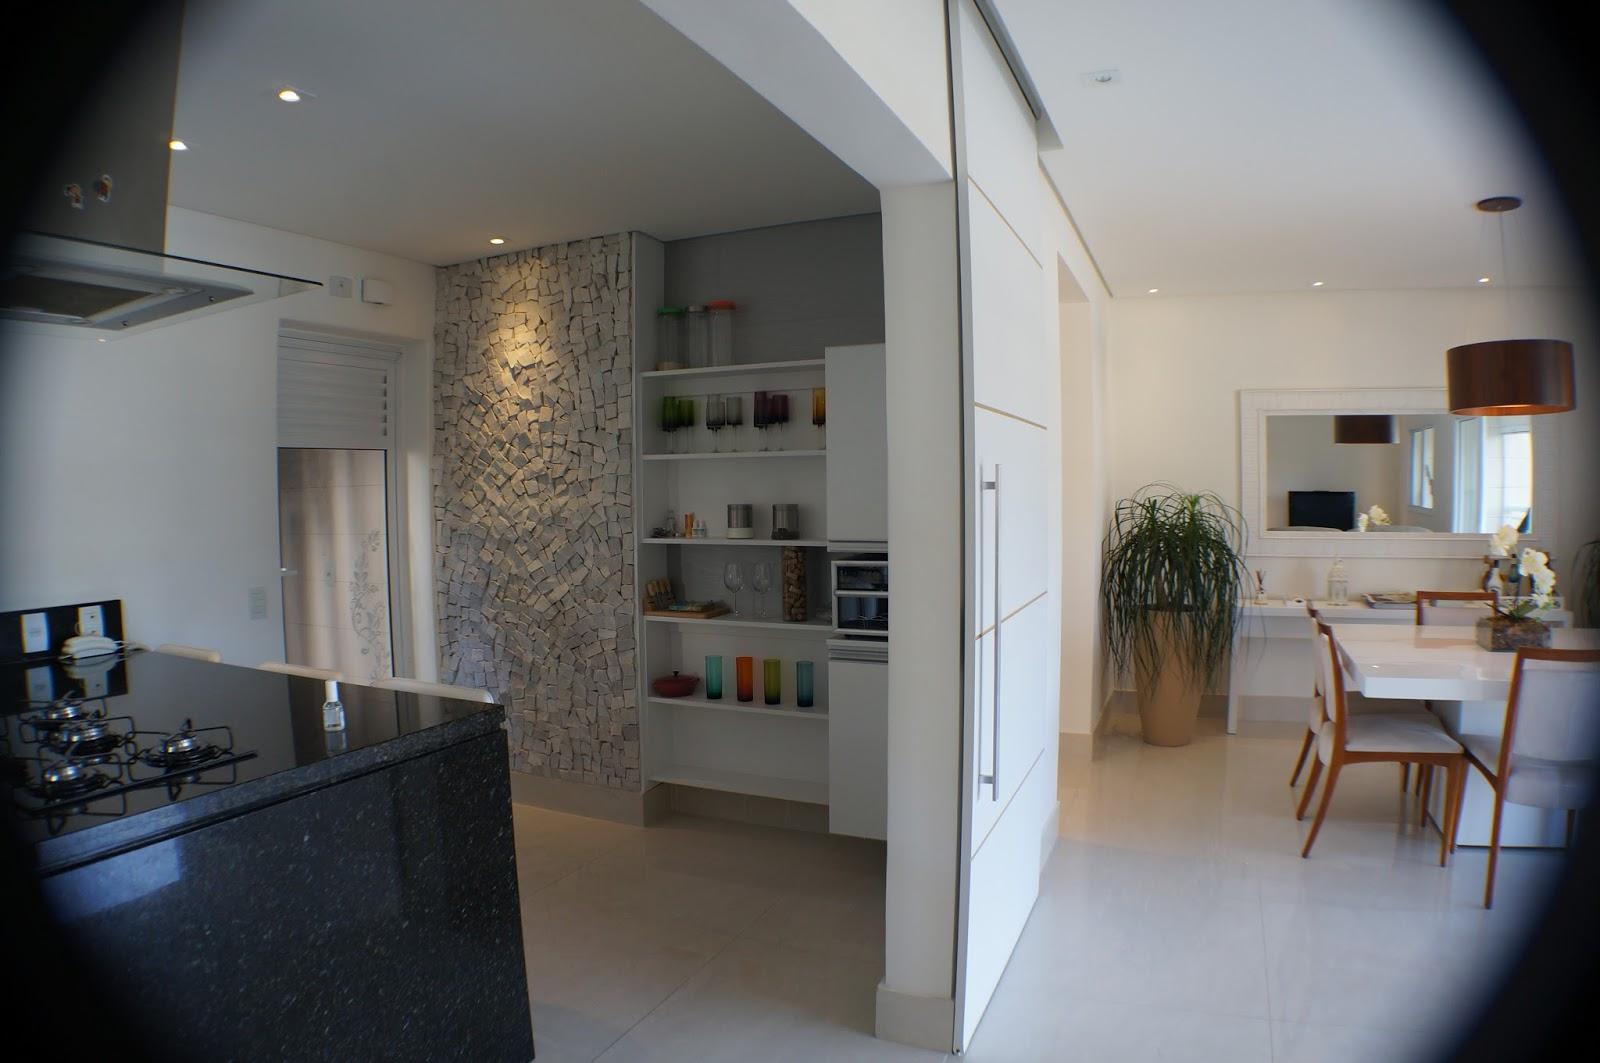 Sala de estar sala de jantar cozinha e varanda gourmet integradas  #414C60 1600x1063